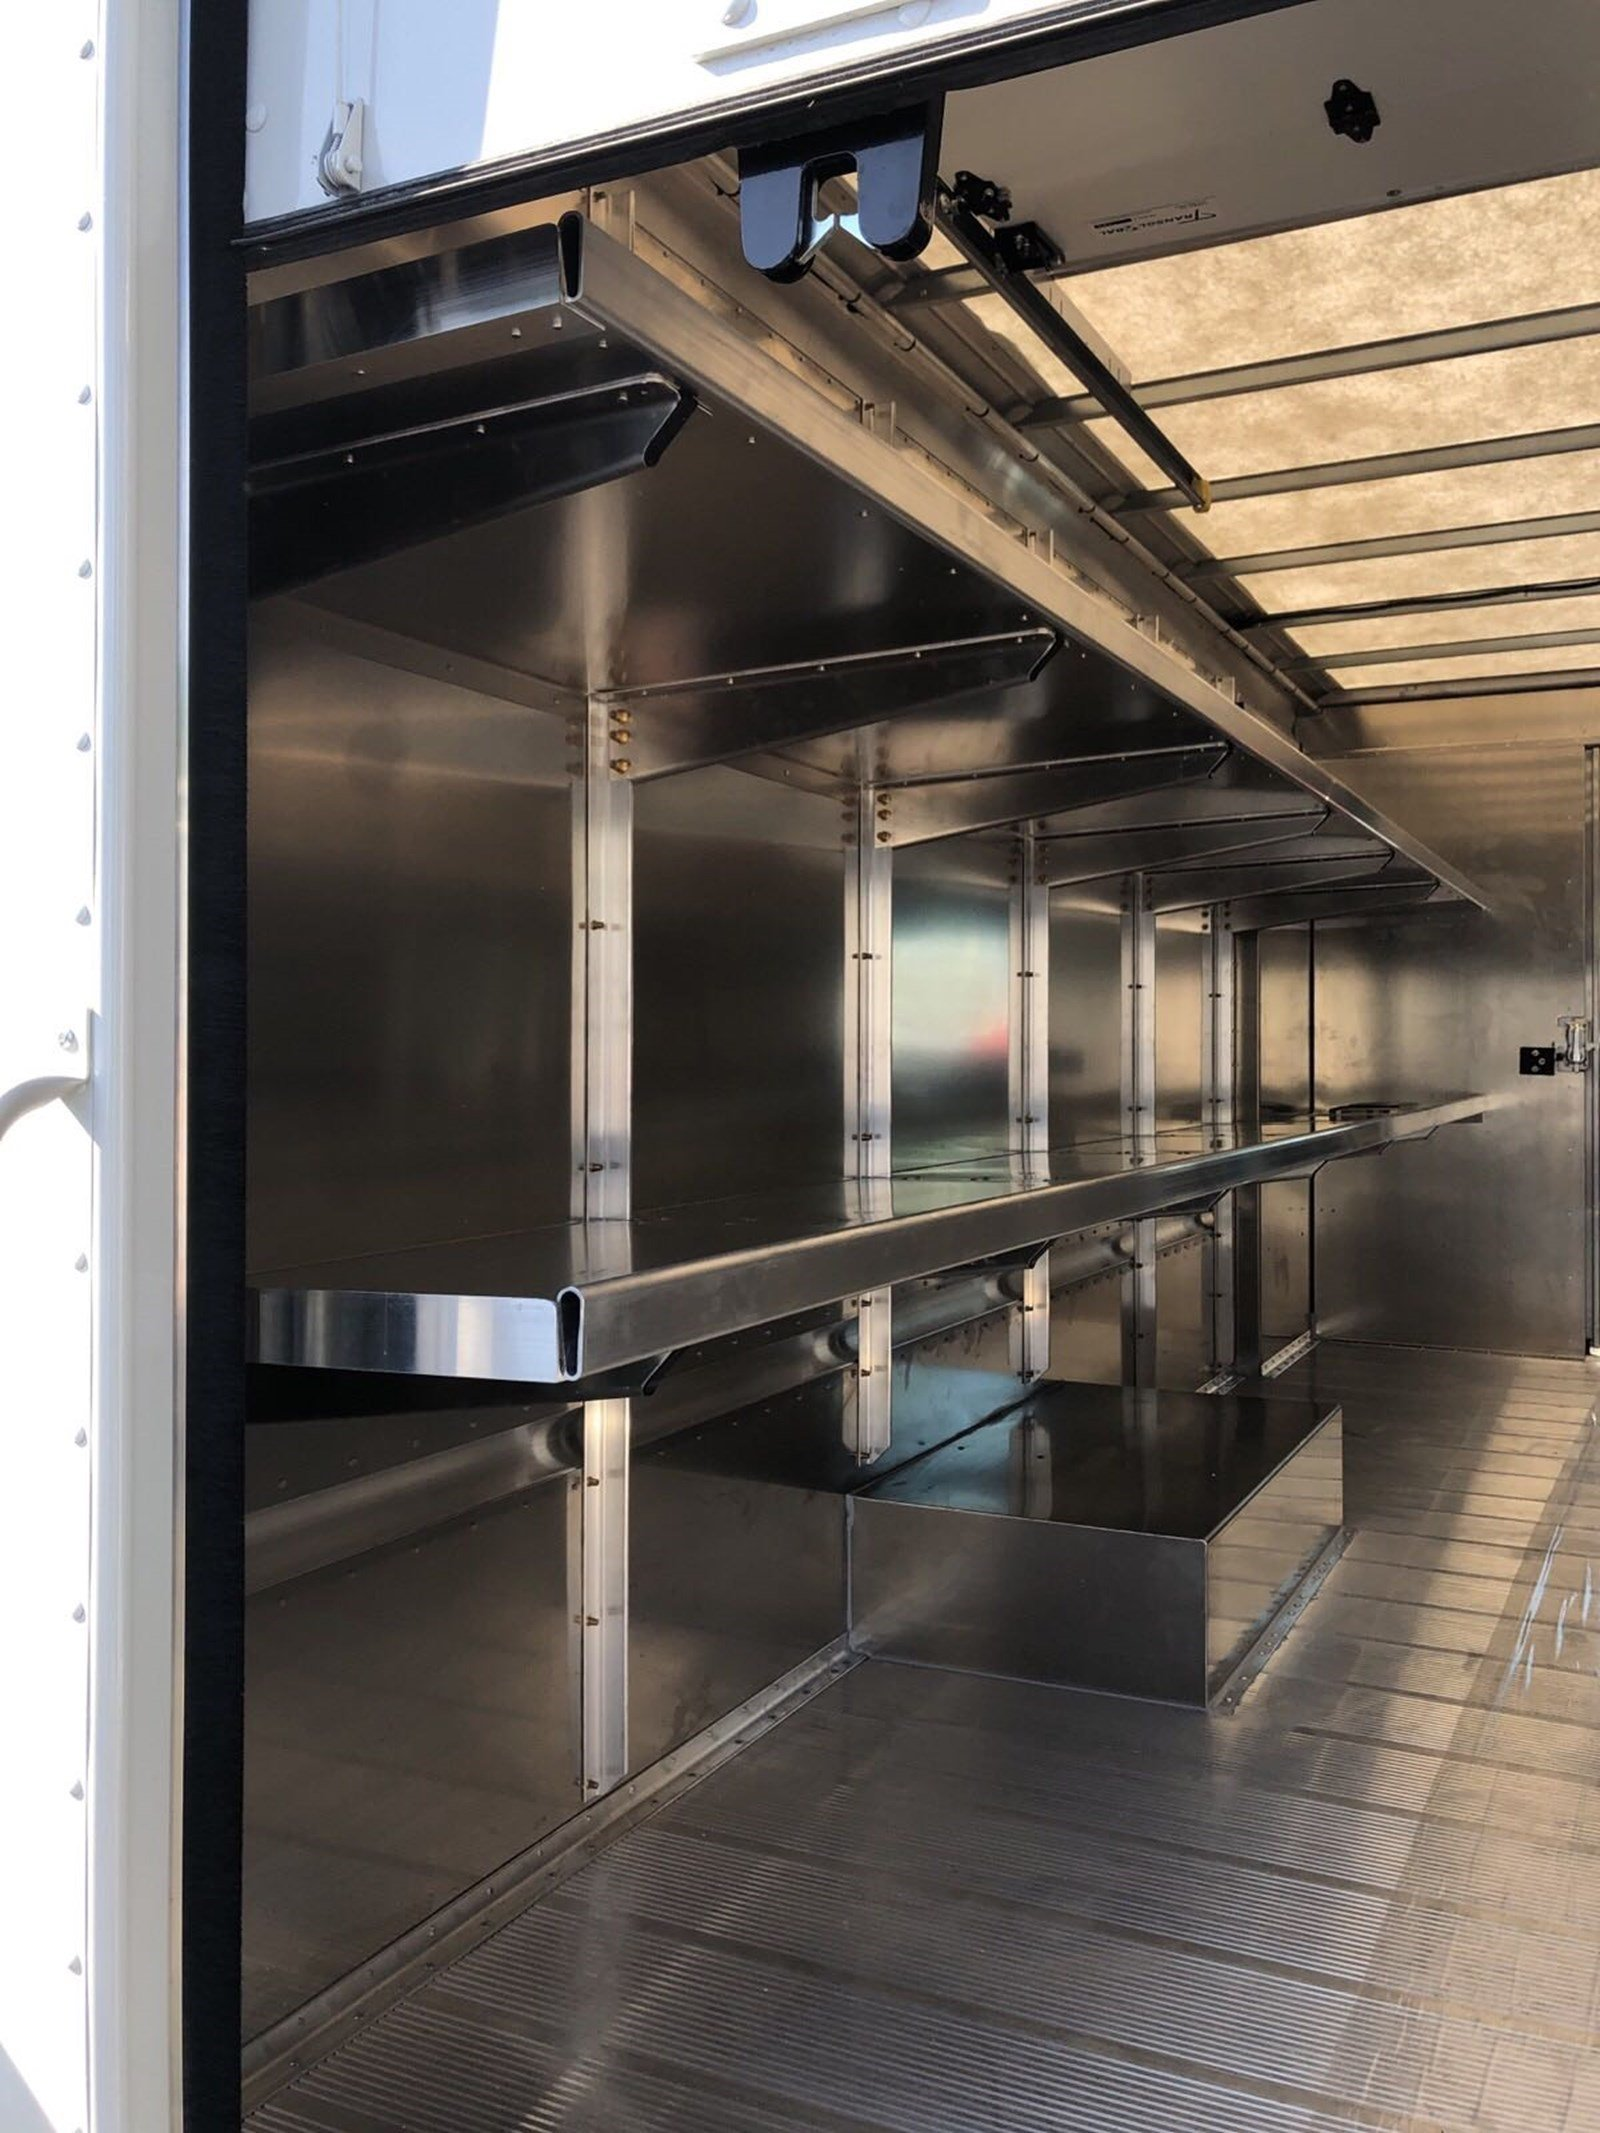 2019 E-450 4x2,  Morgan Olson P1000 Step Van / Walk-in #S7833 - photo 12